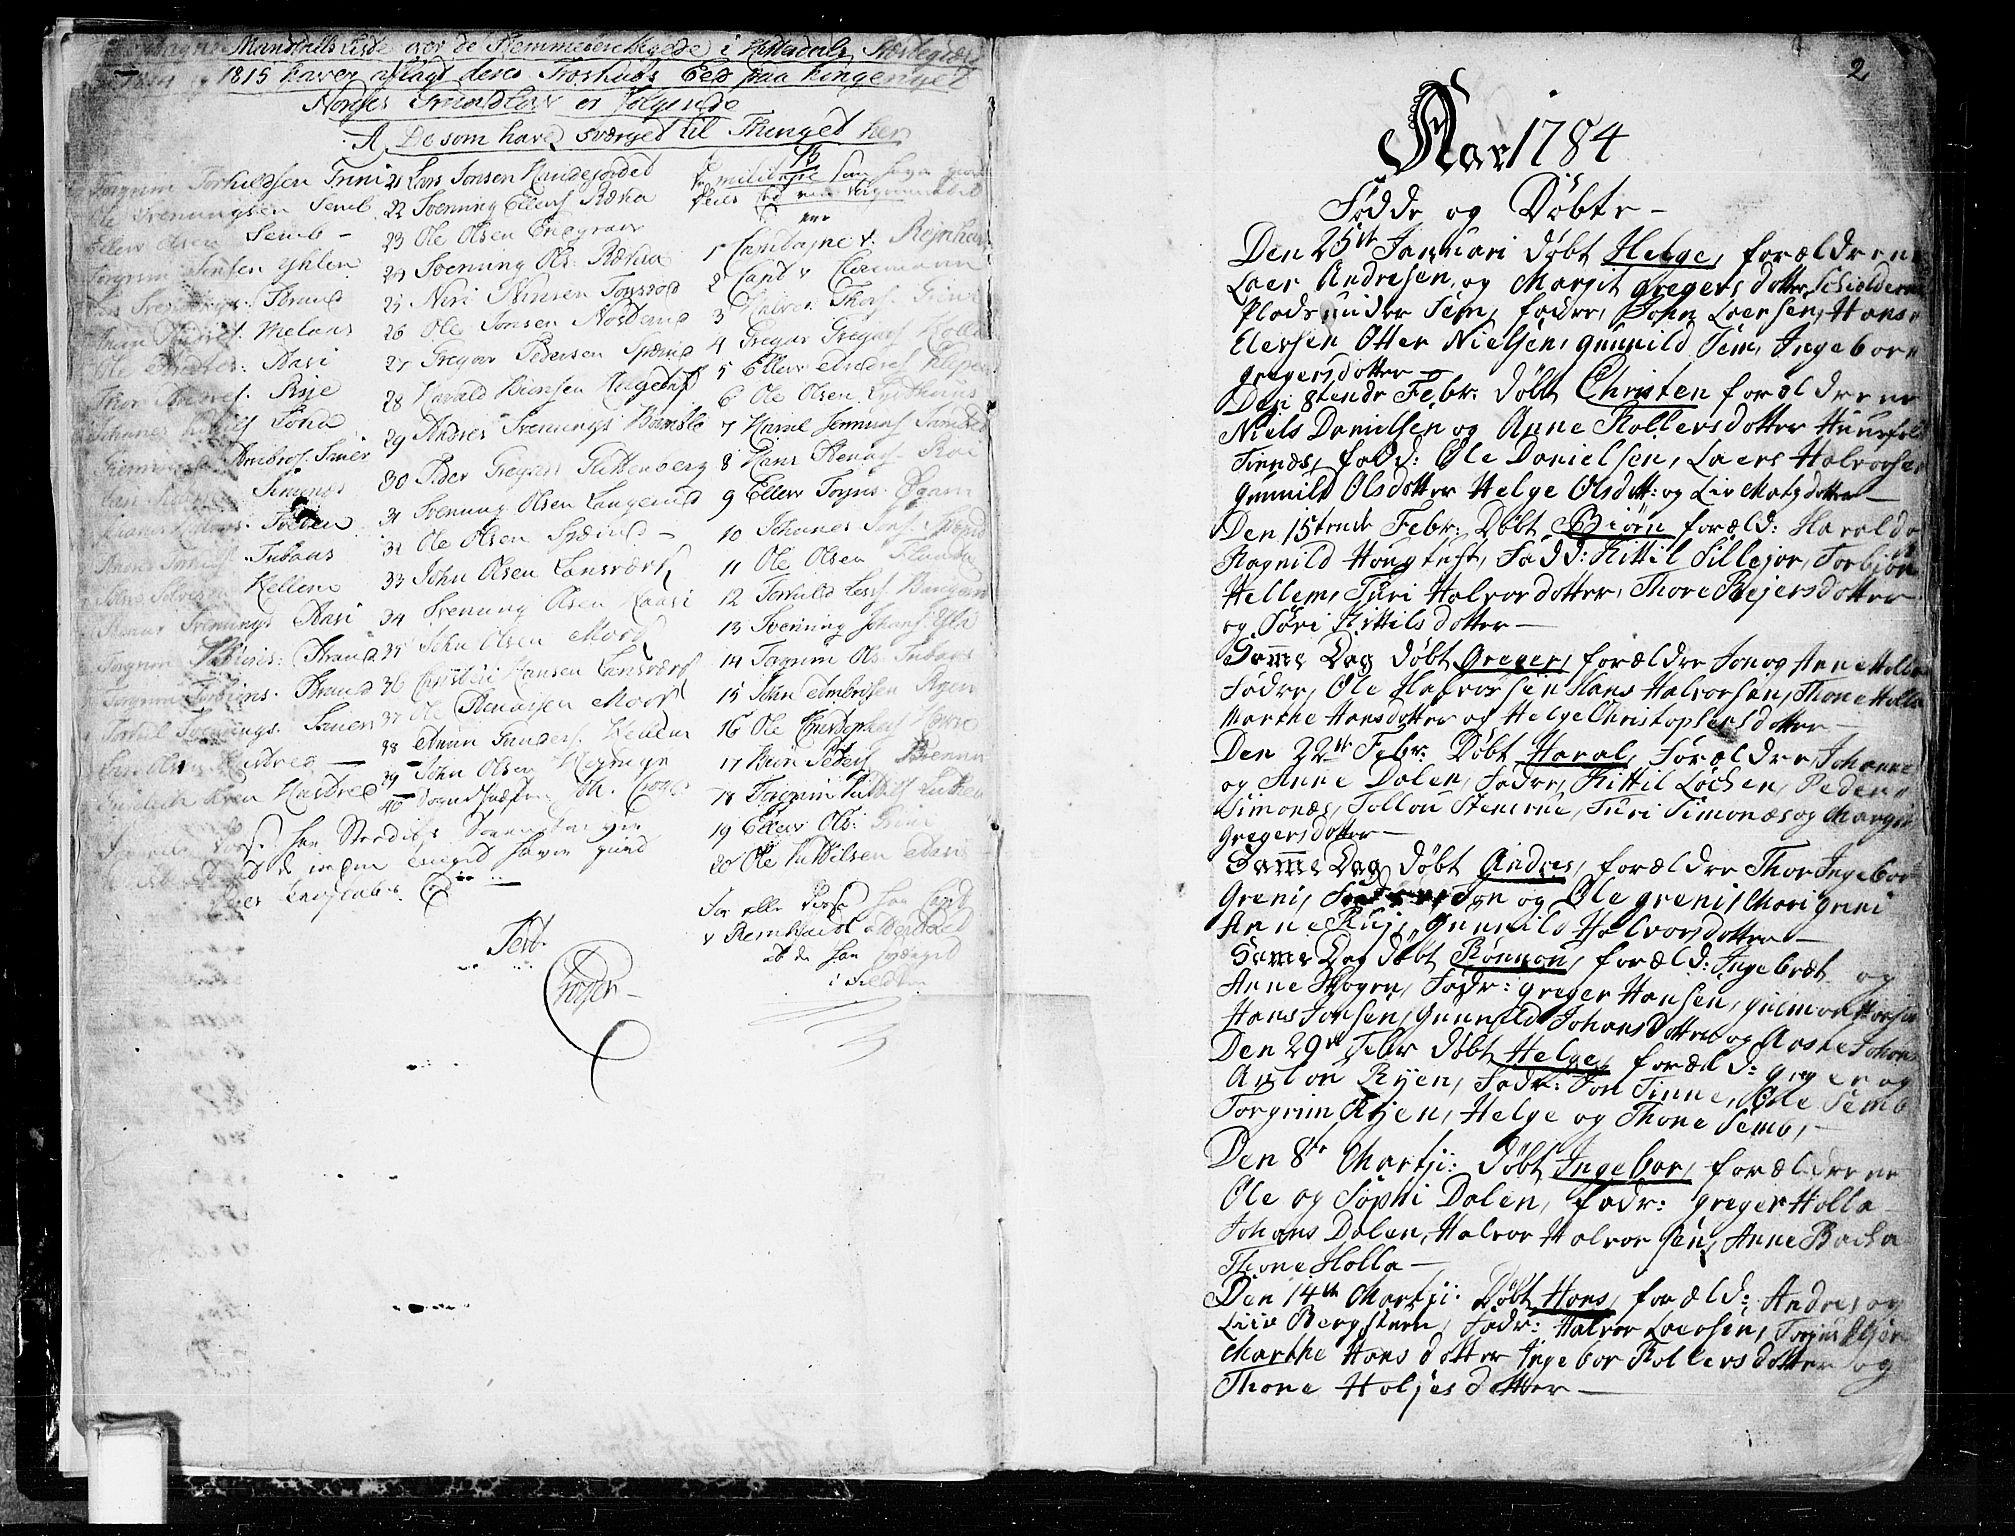 SAKO, Heddal kirkebøker, F/Fa/L0004: Ministerialbok nr. I 4, 1784-1814, s. 2